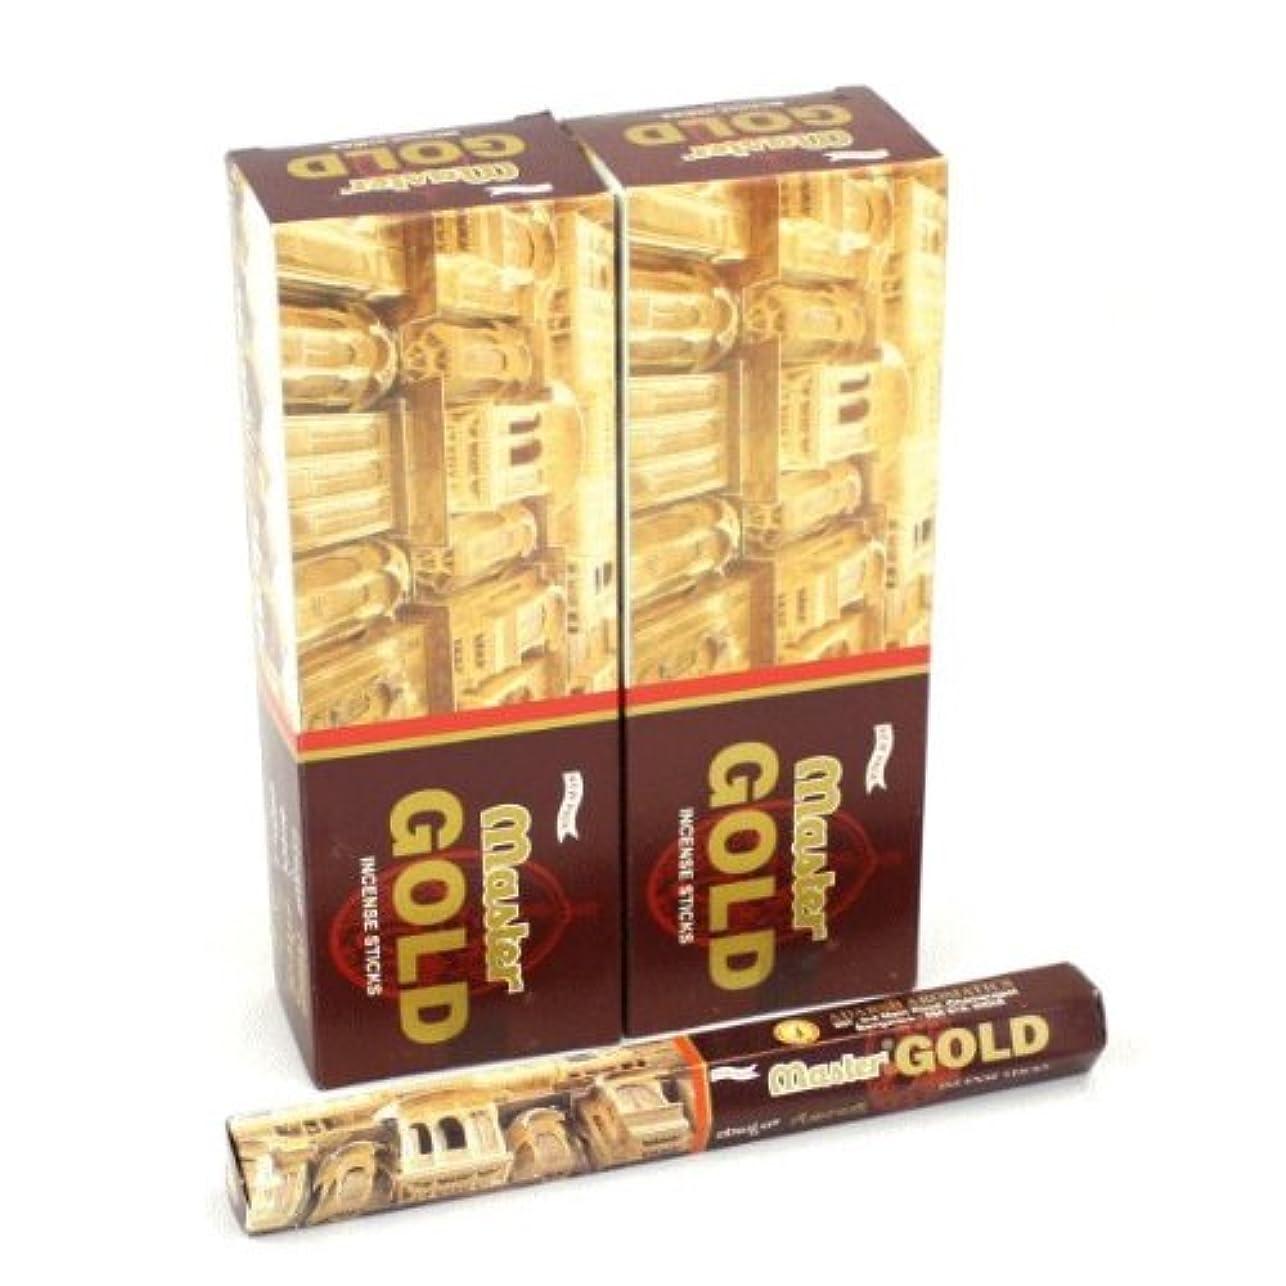 促進するプロポーショナル移動ADARSH マスターゴールド香 スティック ヘキサパック(六角) 12箱セット MASTER GOLD